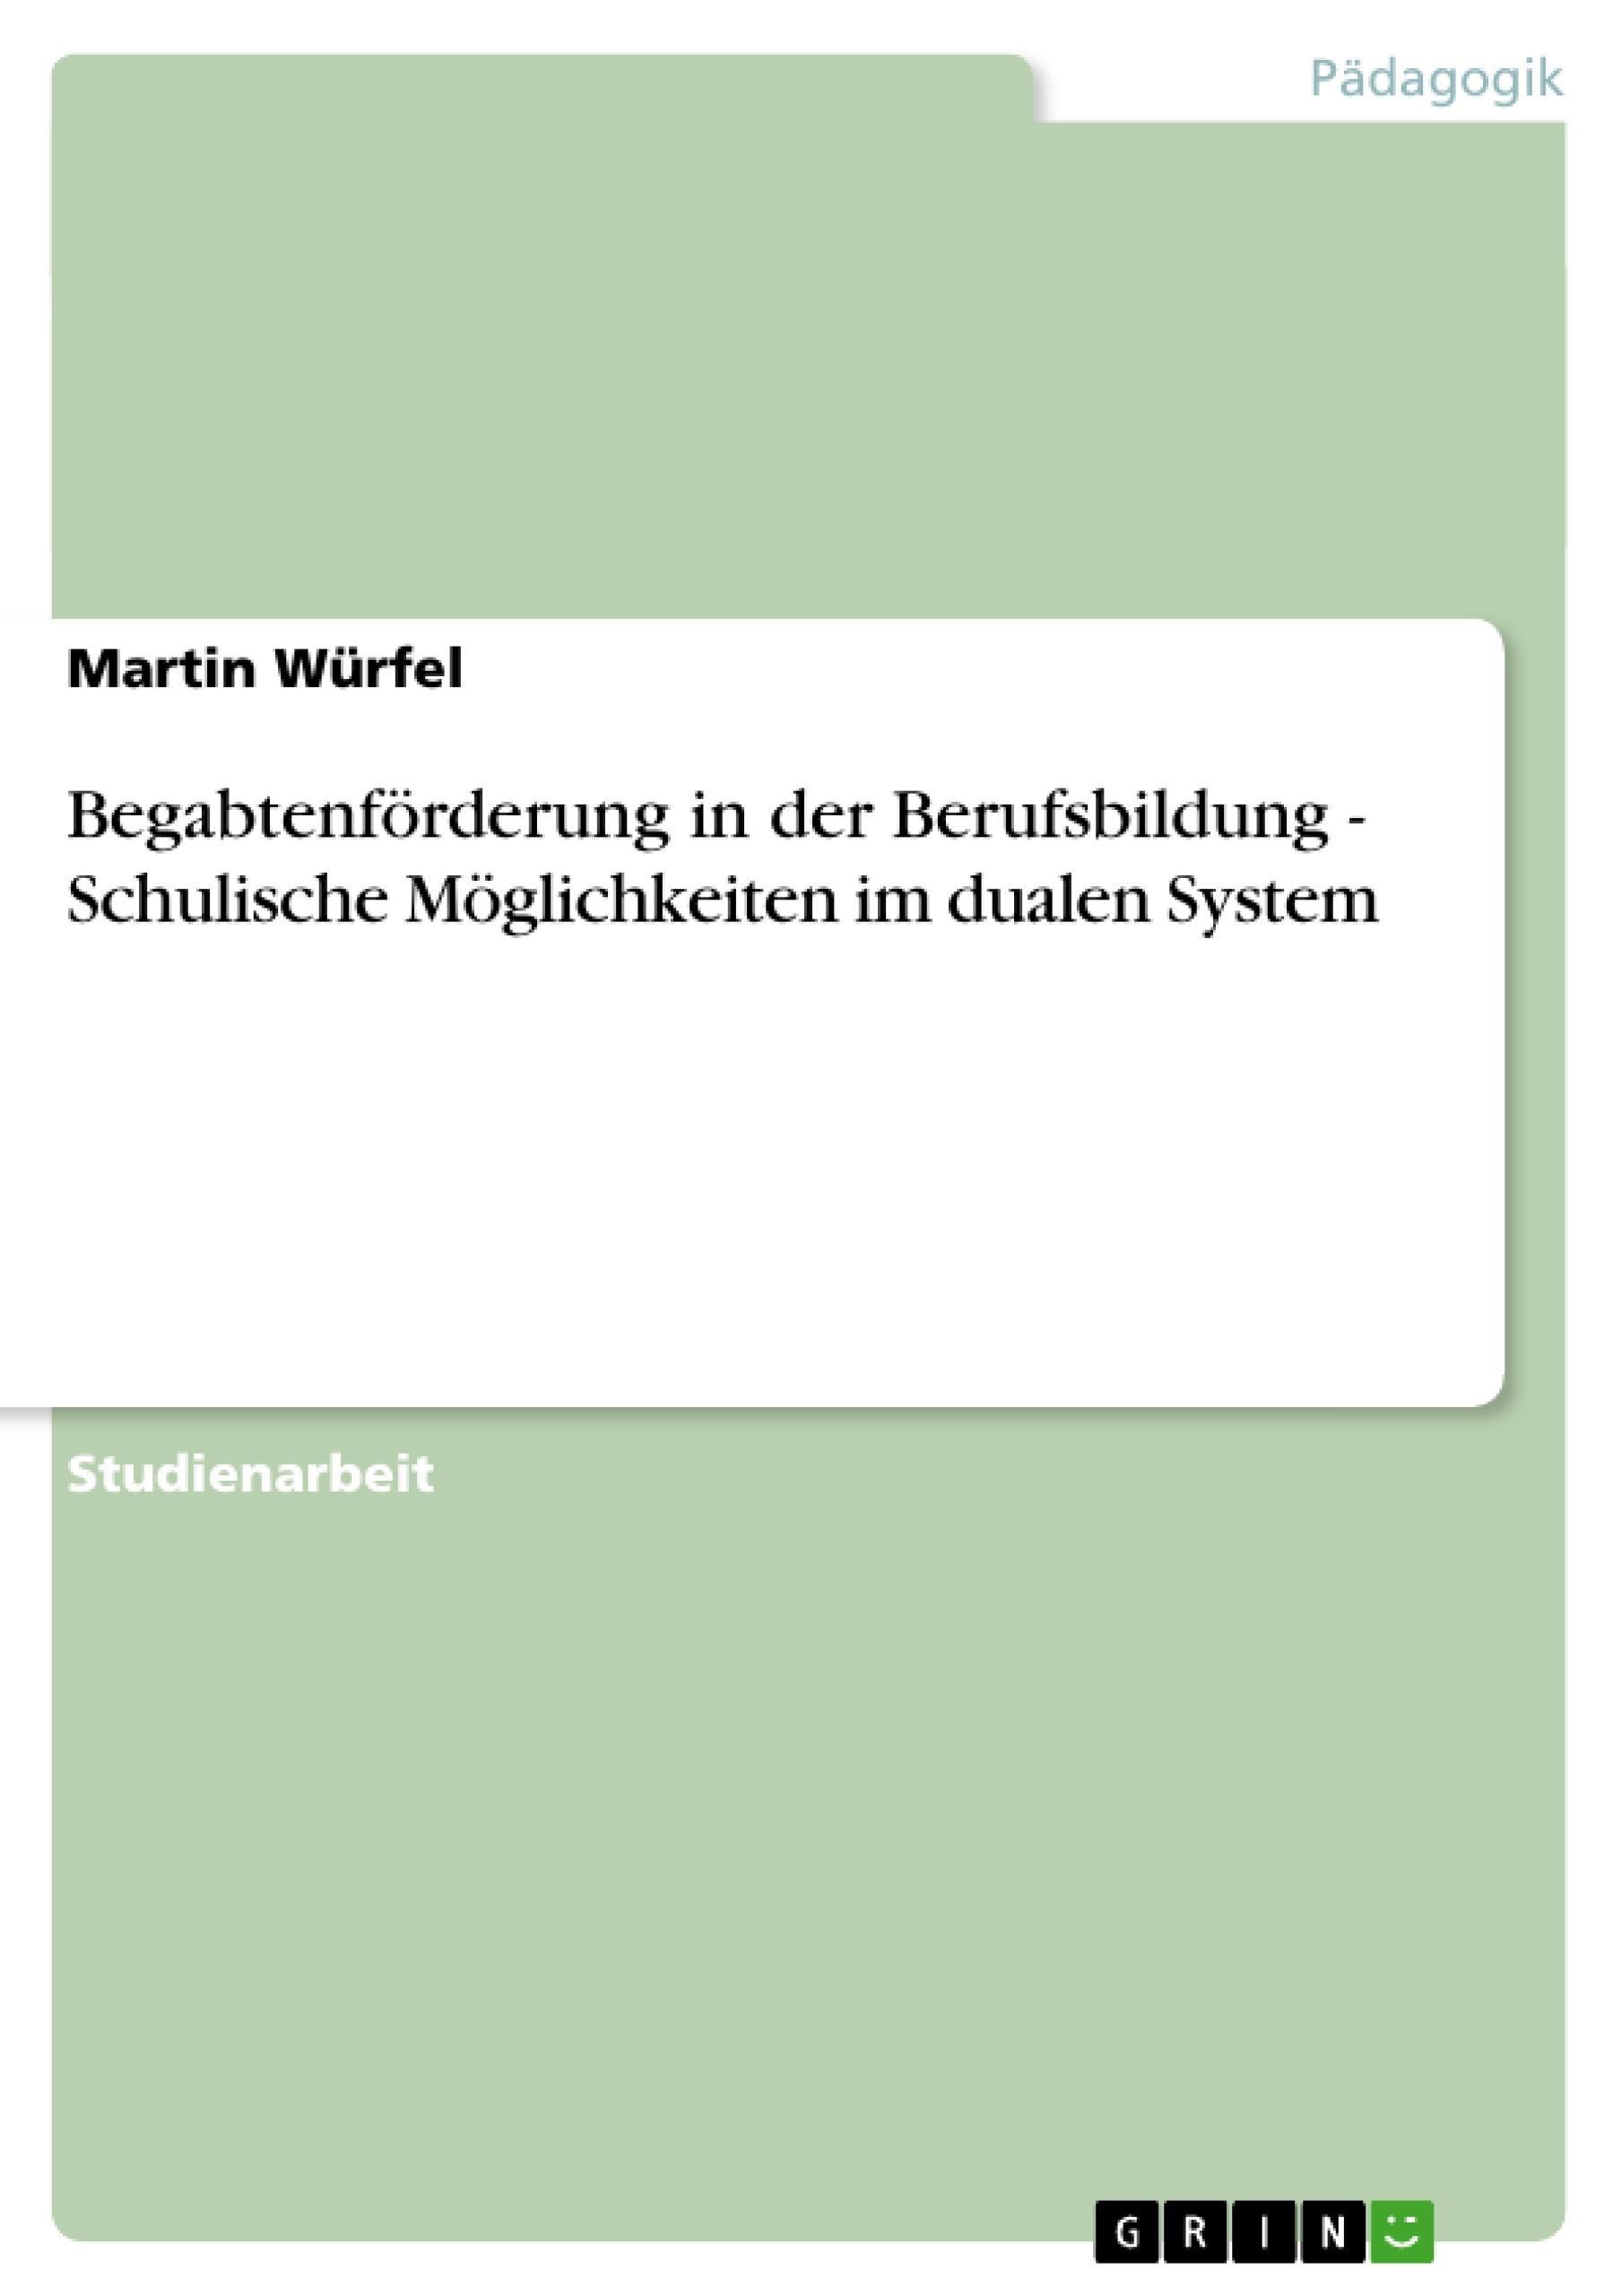 Titel: Begabtenförderung in der Berufsbildung - Schulische Möglichkeiten im dualen System